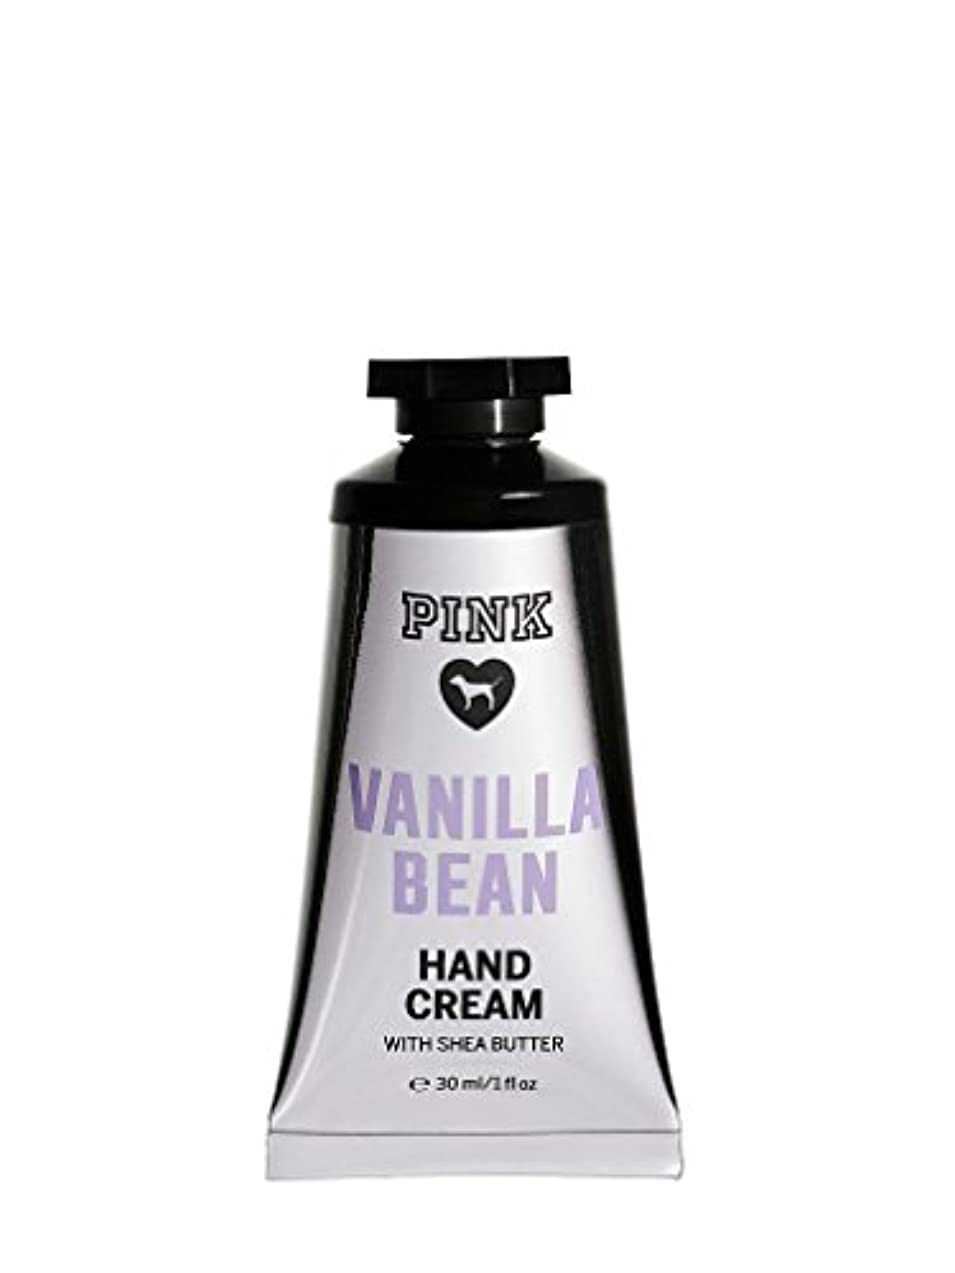 シール眠いですゴールVICTORIA'S SECRET ヴィクトリアシークレット/ビクトリアシークレット PINK バニラビーンズ ハンドクリーム/PINK HAND CREAM [並行輸入品]